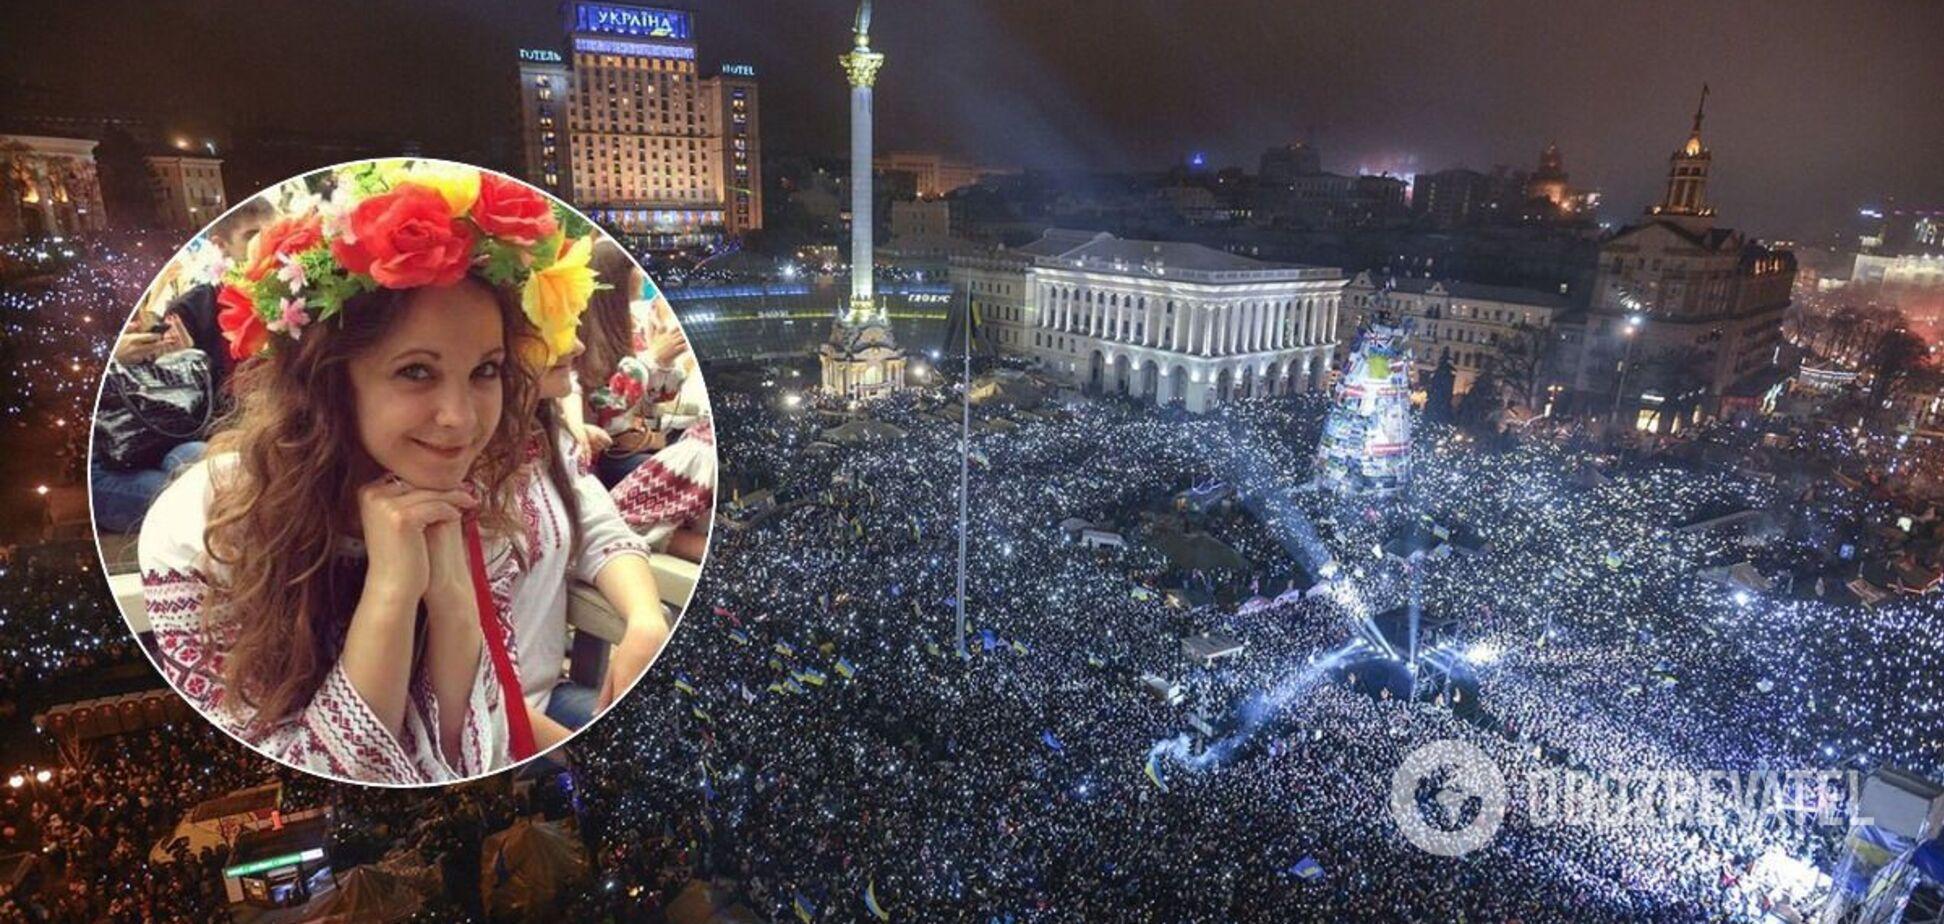 Поетеса Майдану: всю романтику і нашу наївність змило кров'ю першого загиблого